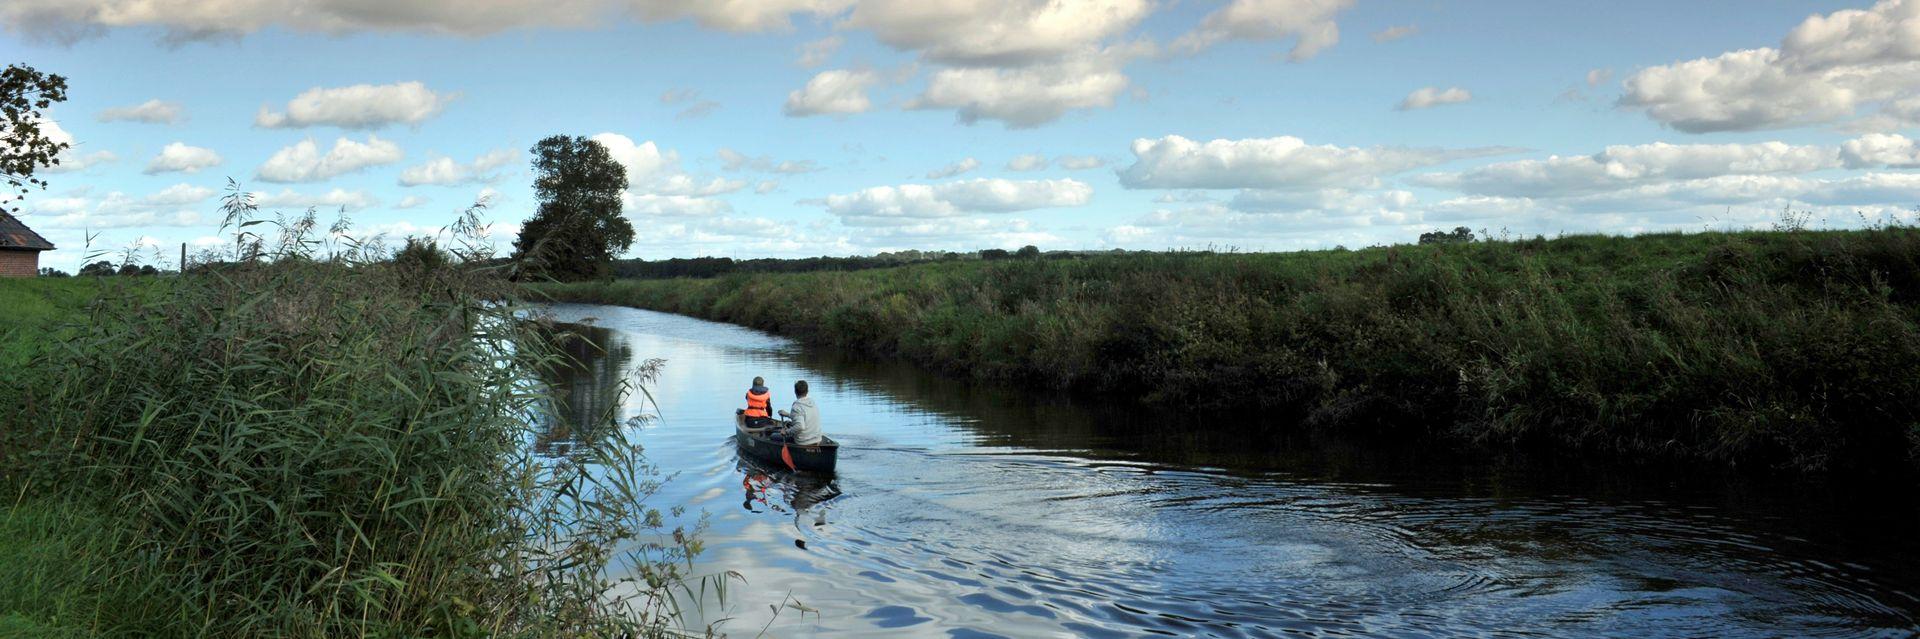 Kanu auf der Stör